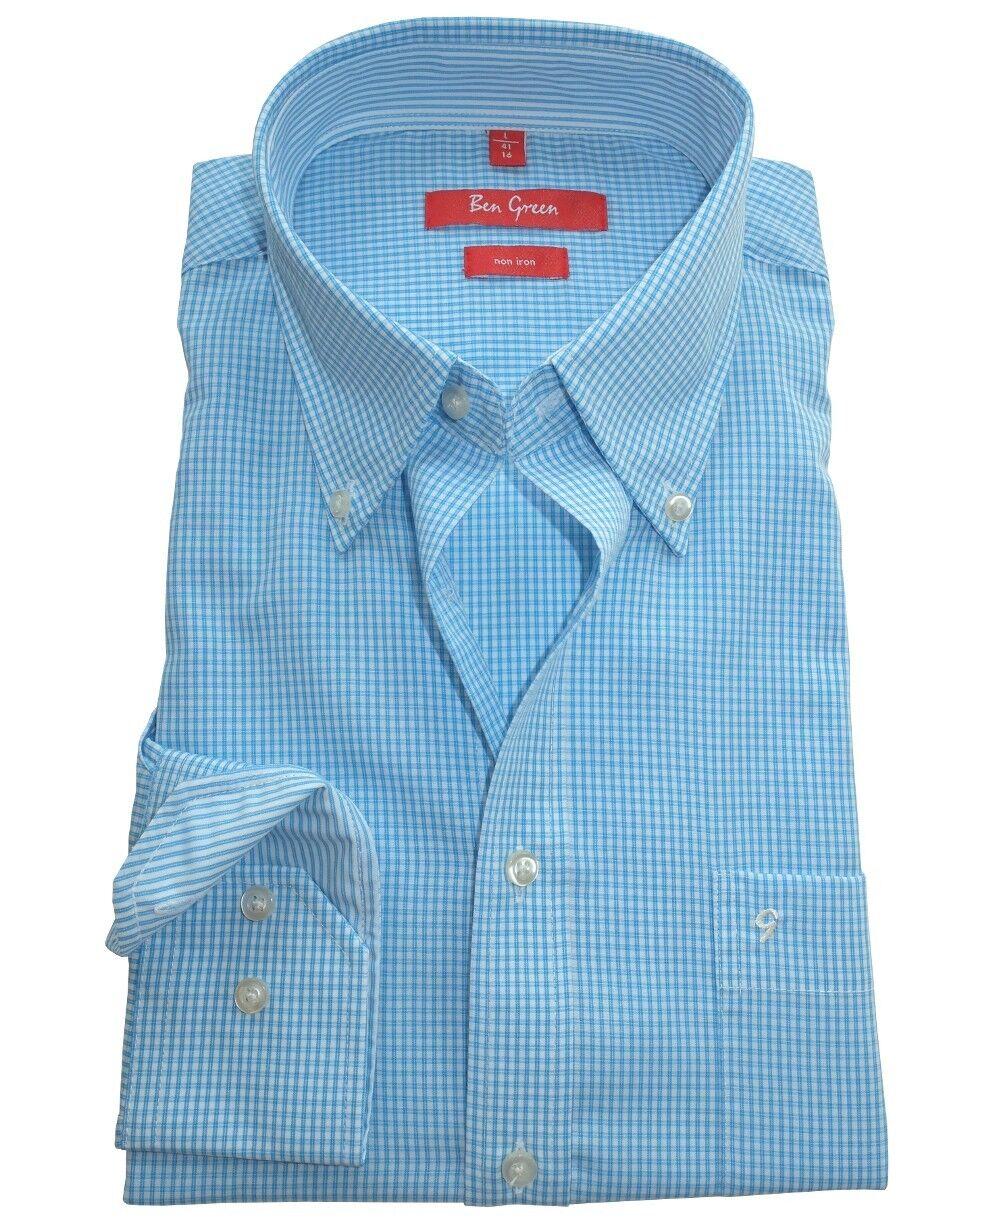 Ben Grün rotline Langarmhemd in aqua weiss Minikaro bügelfrei Gr. 41 bis 52   | Spielzeugwelt, glücklich und grenzenlos  | Quality First  | Abrechnungspreis